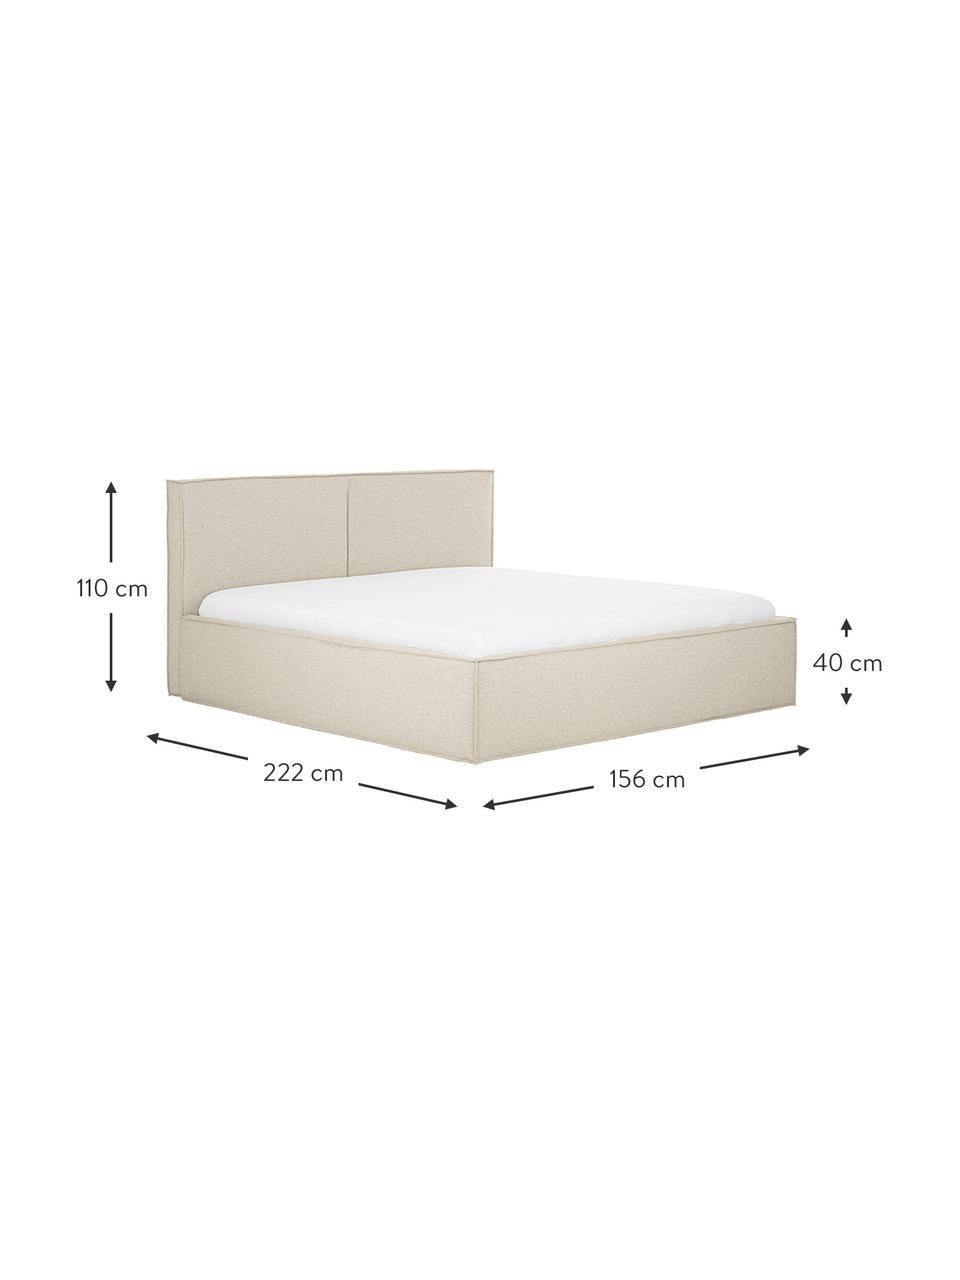 Čalouněná postel s úložným prostorem Dream, Tmavě béžová